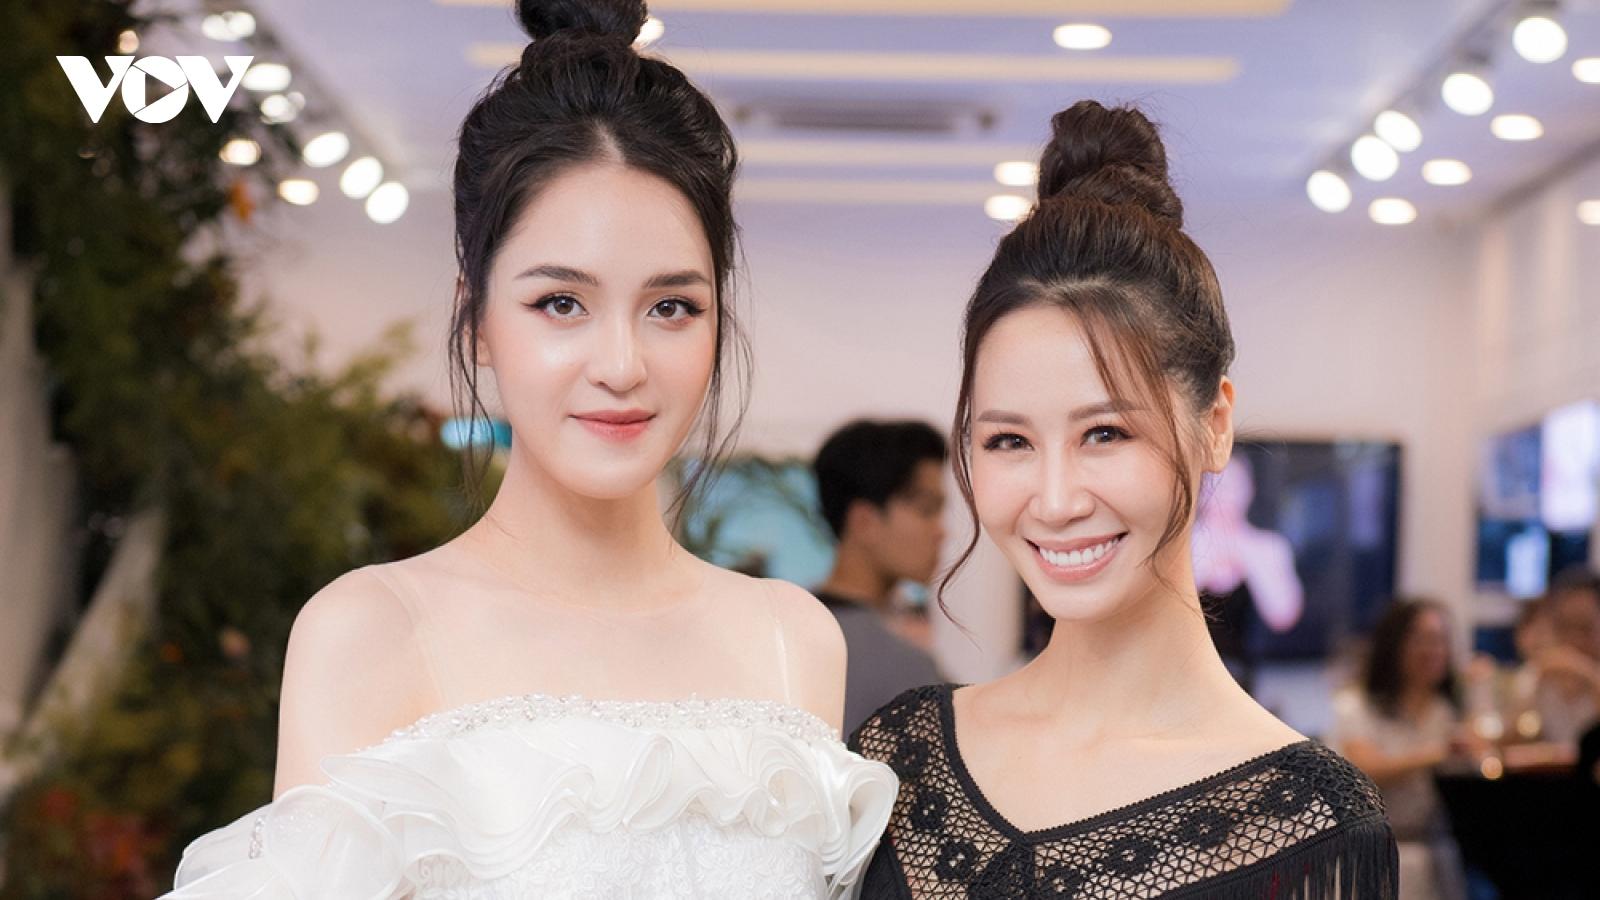 Á hậu Hoàng Anh diện váy cúp ngực gợi cảm, hội ngộ Hoa hậu Dương Thùy Linh